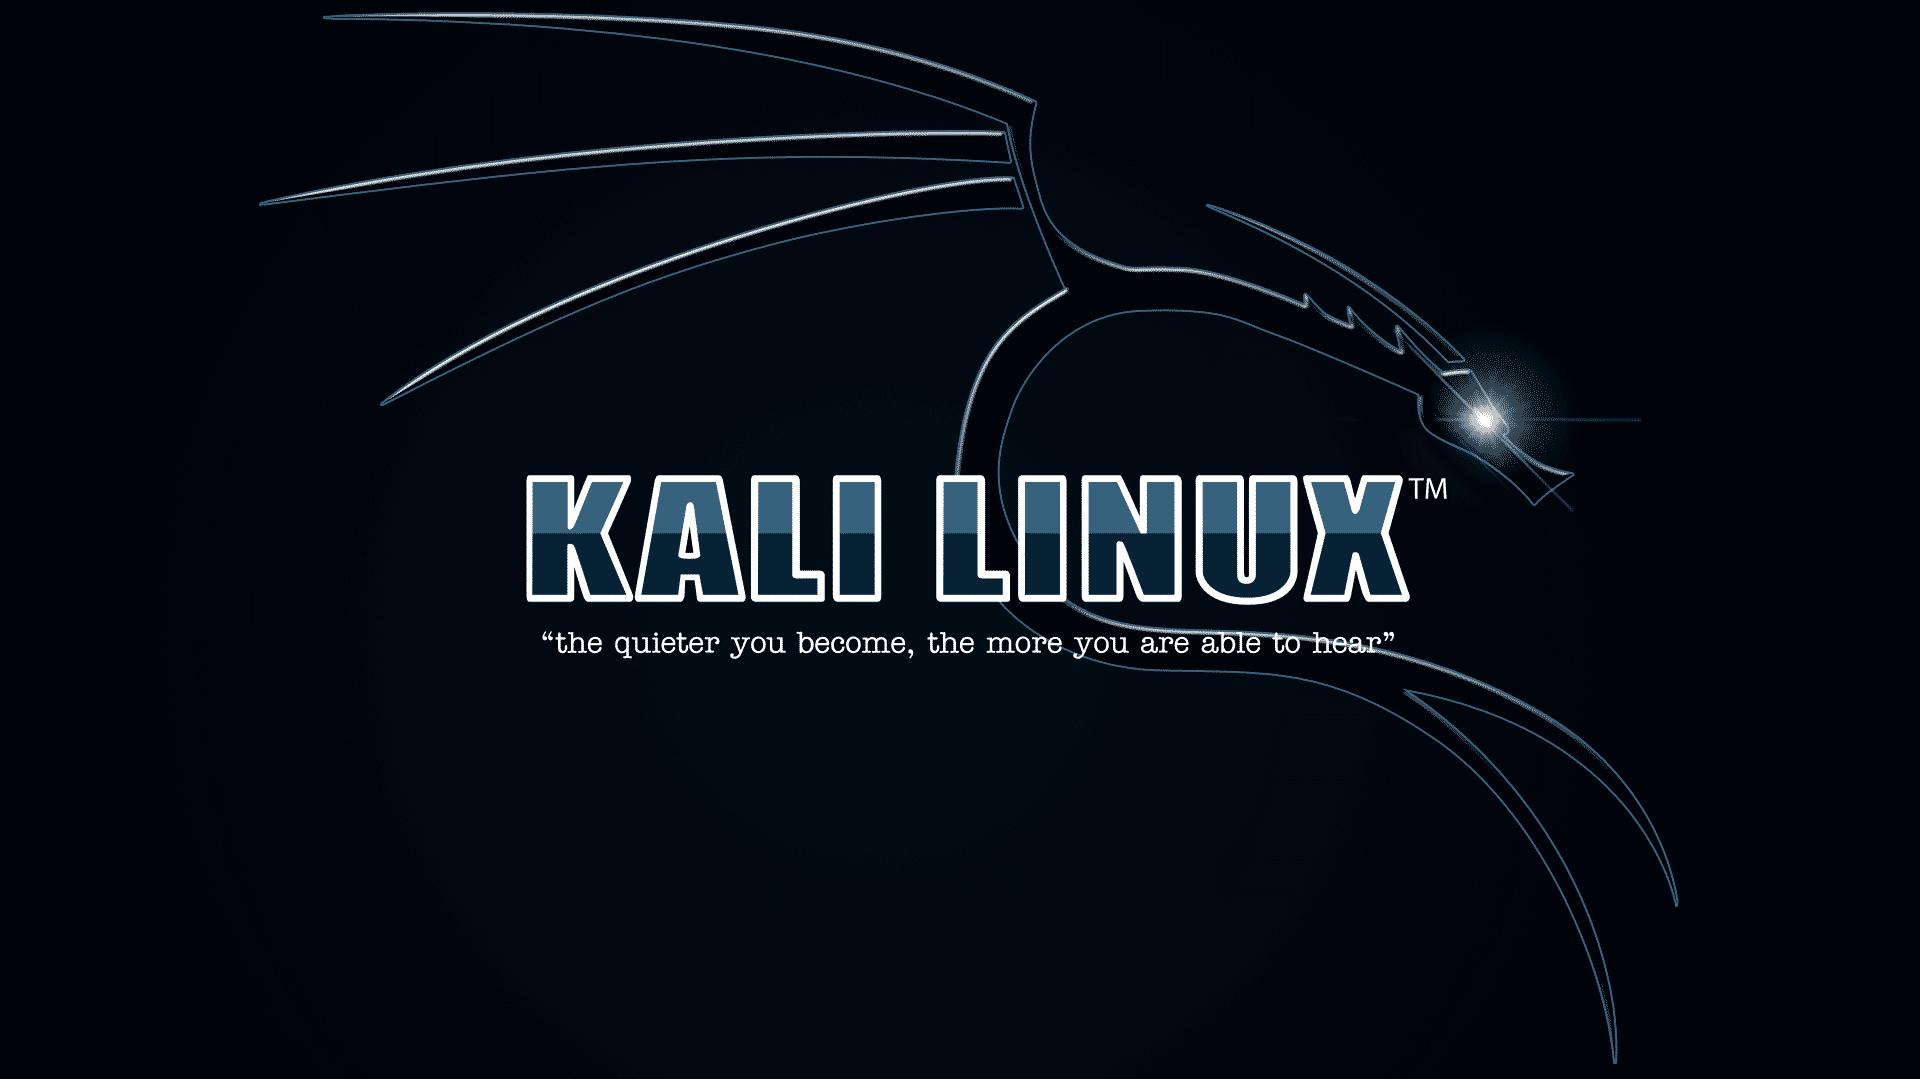 Sicherheits-Distribution Kali Linux 2019.1 bringt Metasploit 5.0